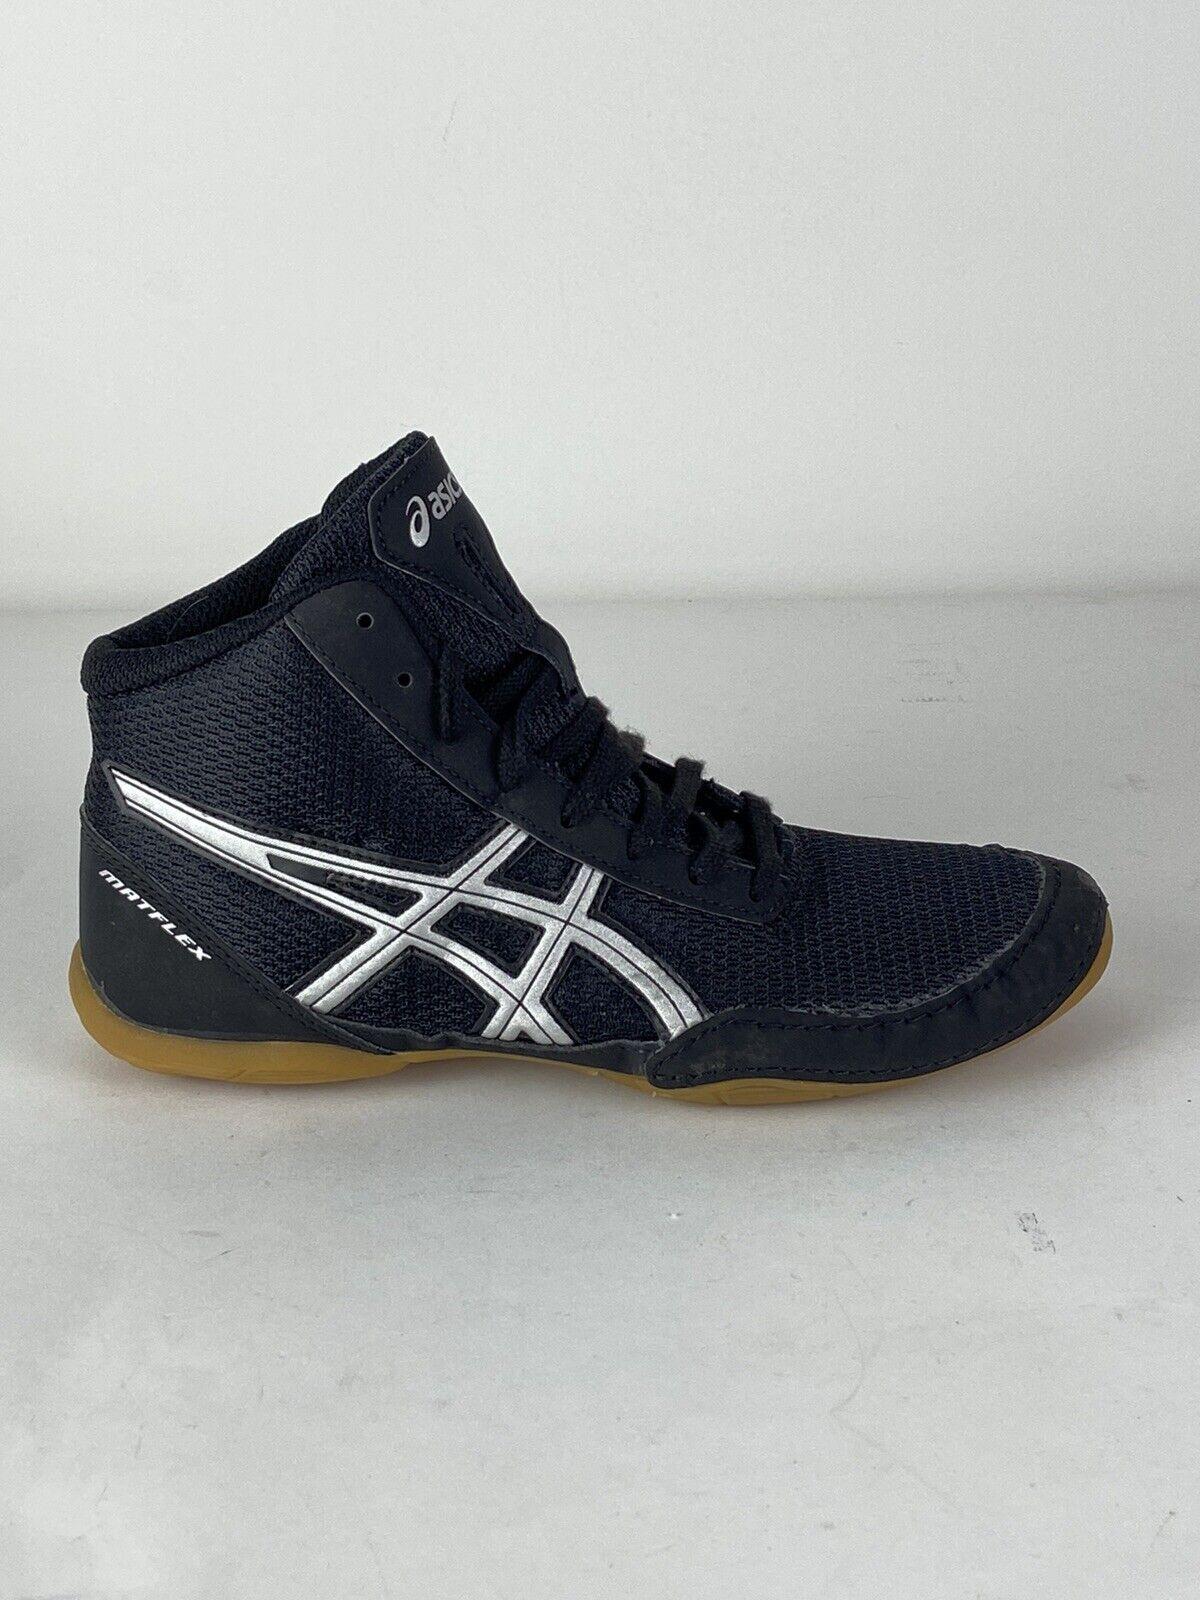 Matflex 4 GS Wrestling Shoes